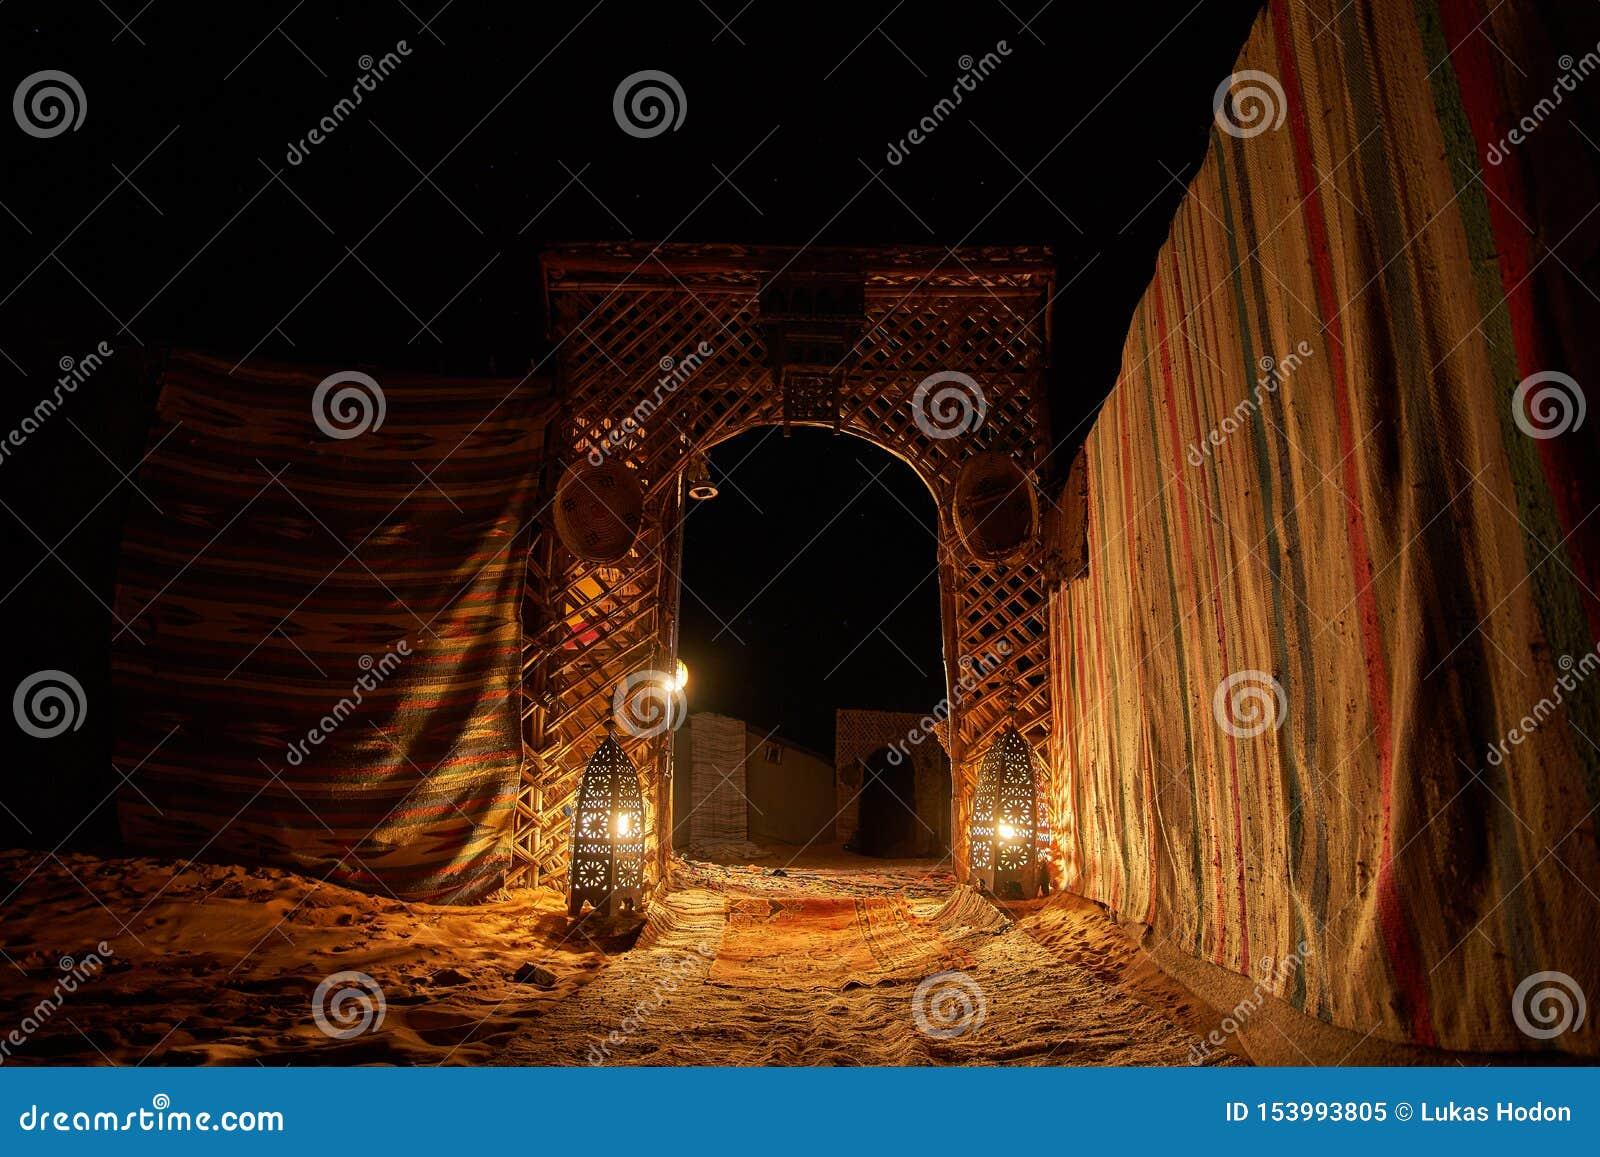 对蜡烛光点燃的沙漠露营地的入口